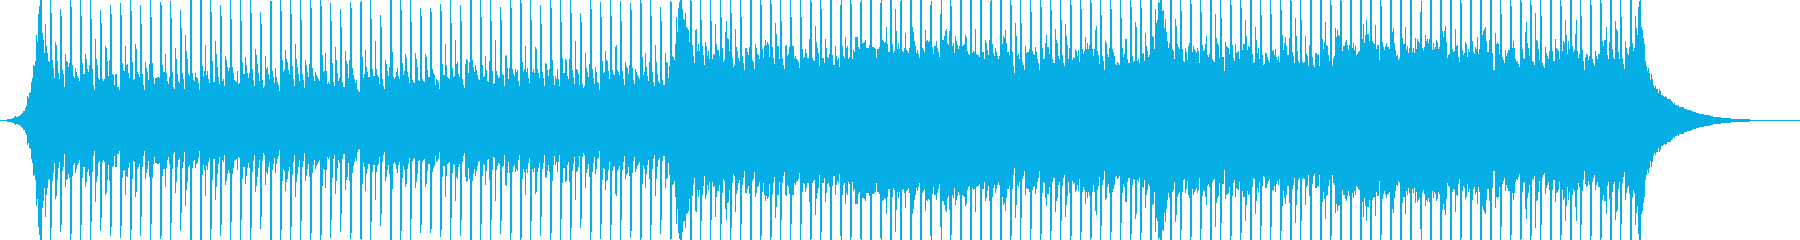 企業VP系32、爽やかギター4つ打ち10の再生済みの波形